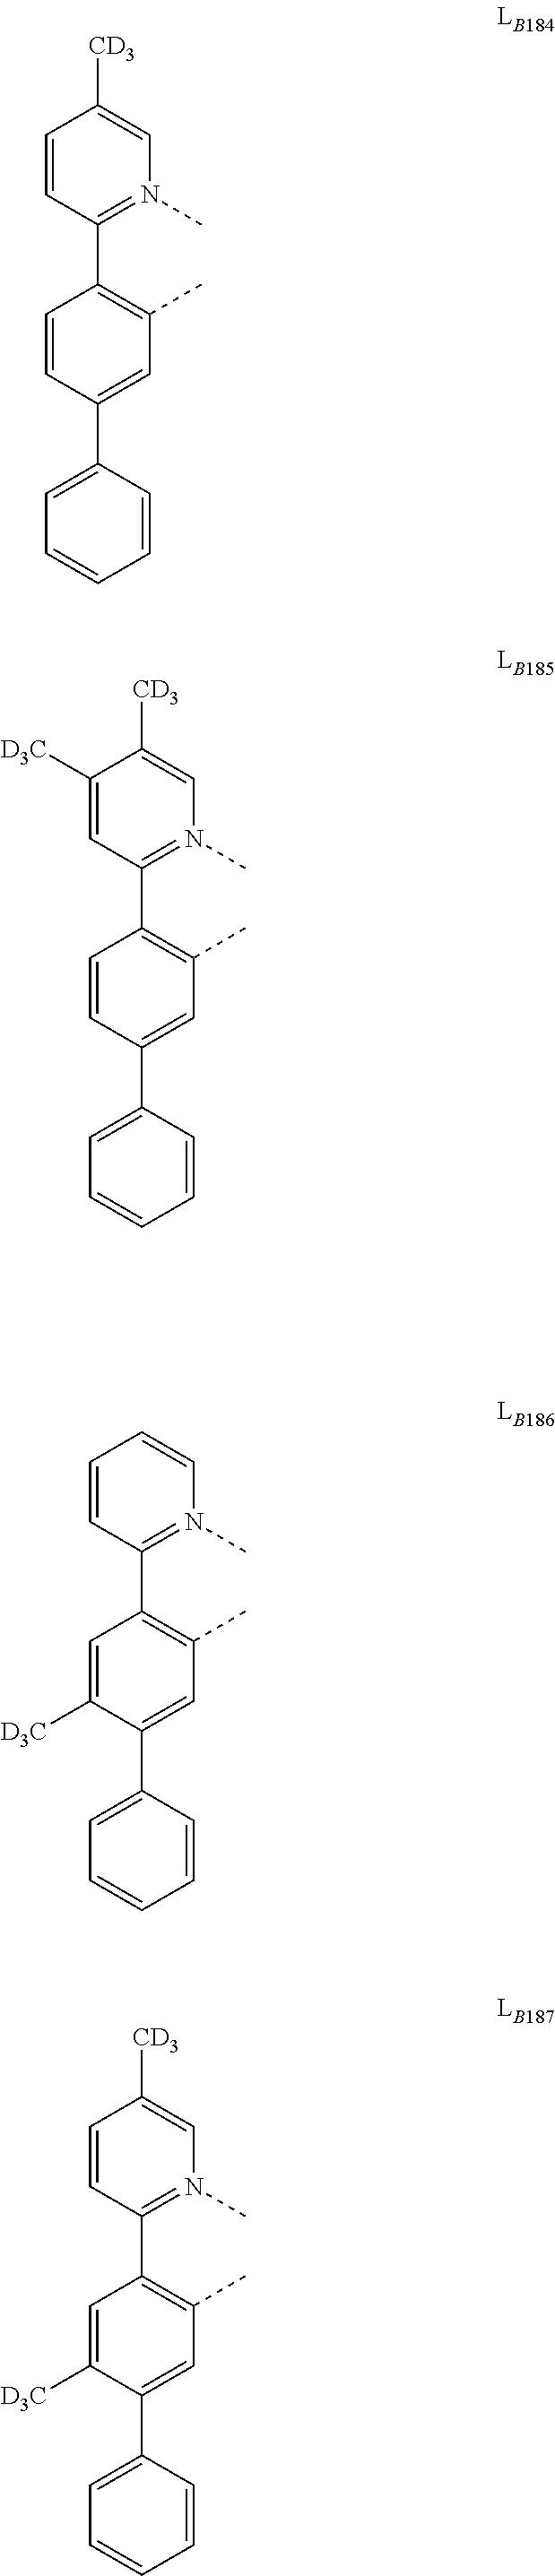 Figure US09929360-20180327-C00077